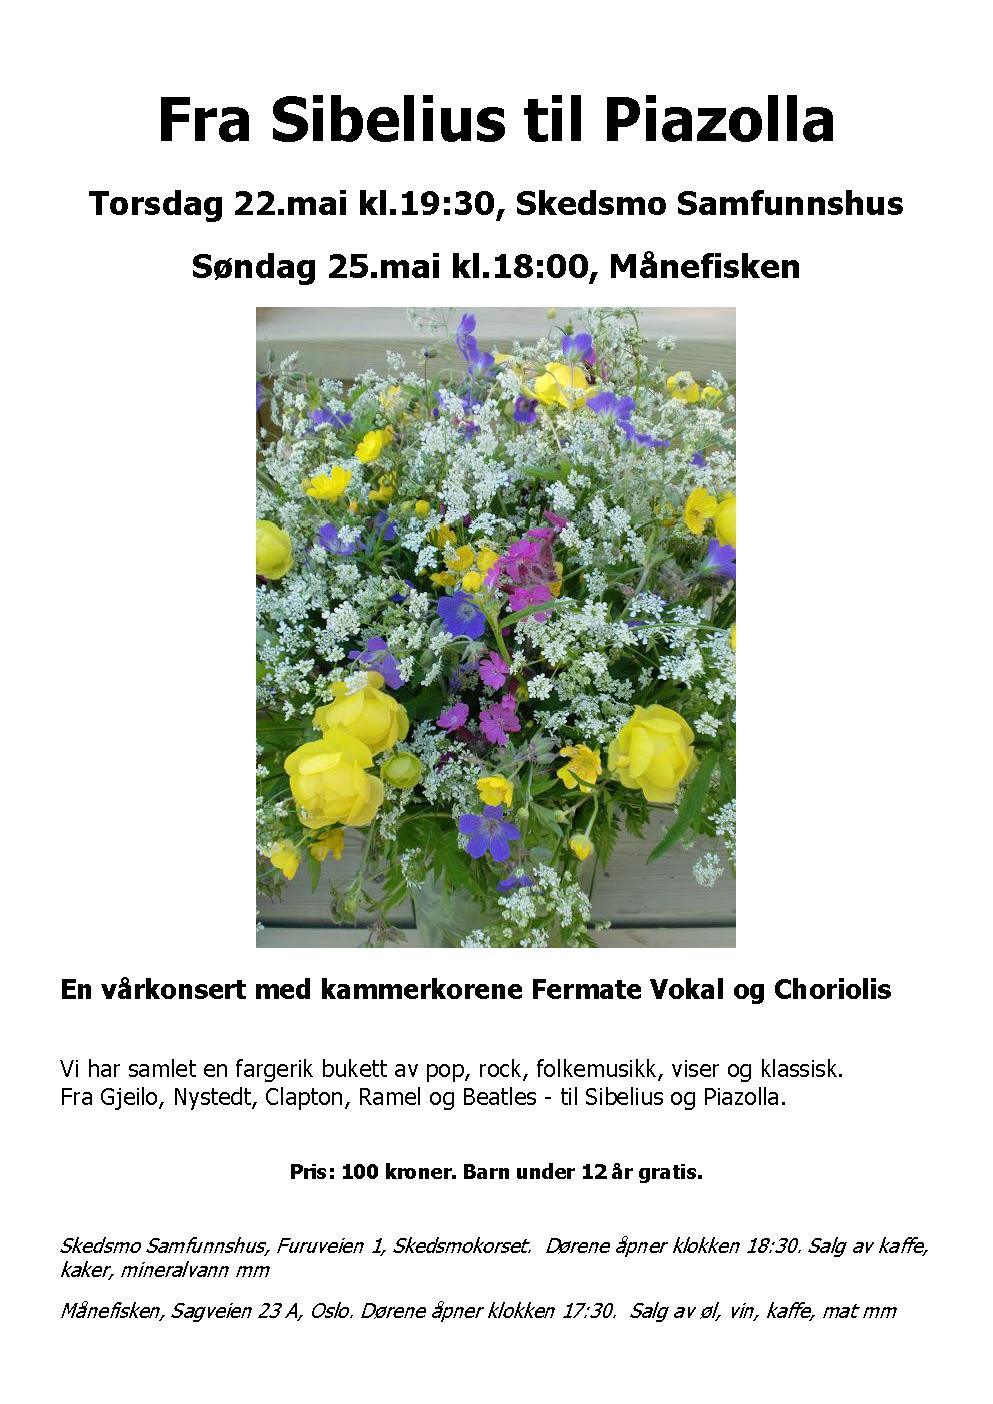 Fra Sibelius til Piazolla-konsertmai2014-v.3